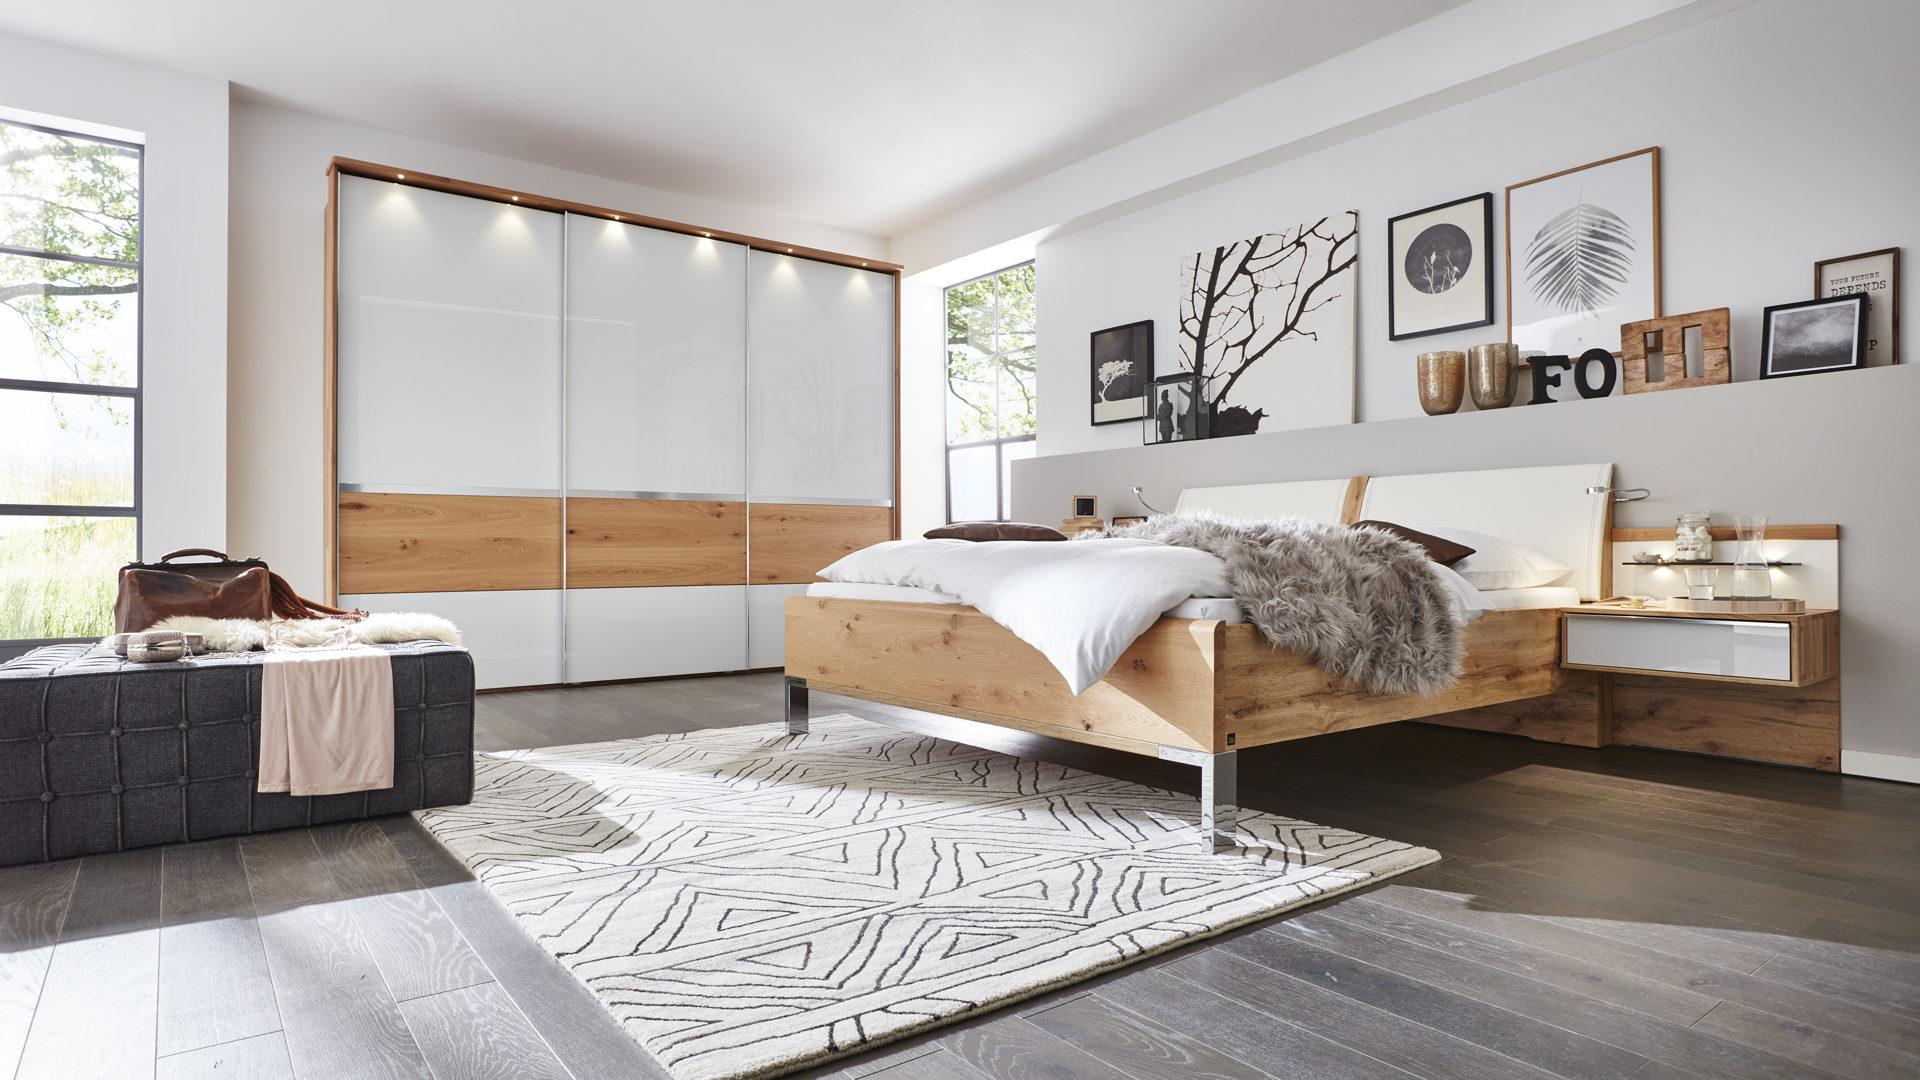 Interliving Schlafzimmer Serie 1202 – Schlafzimmerkombination, teilmassive  Balkeneiche & weißes Glas – vierteilig